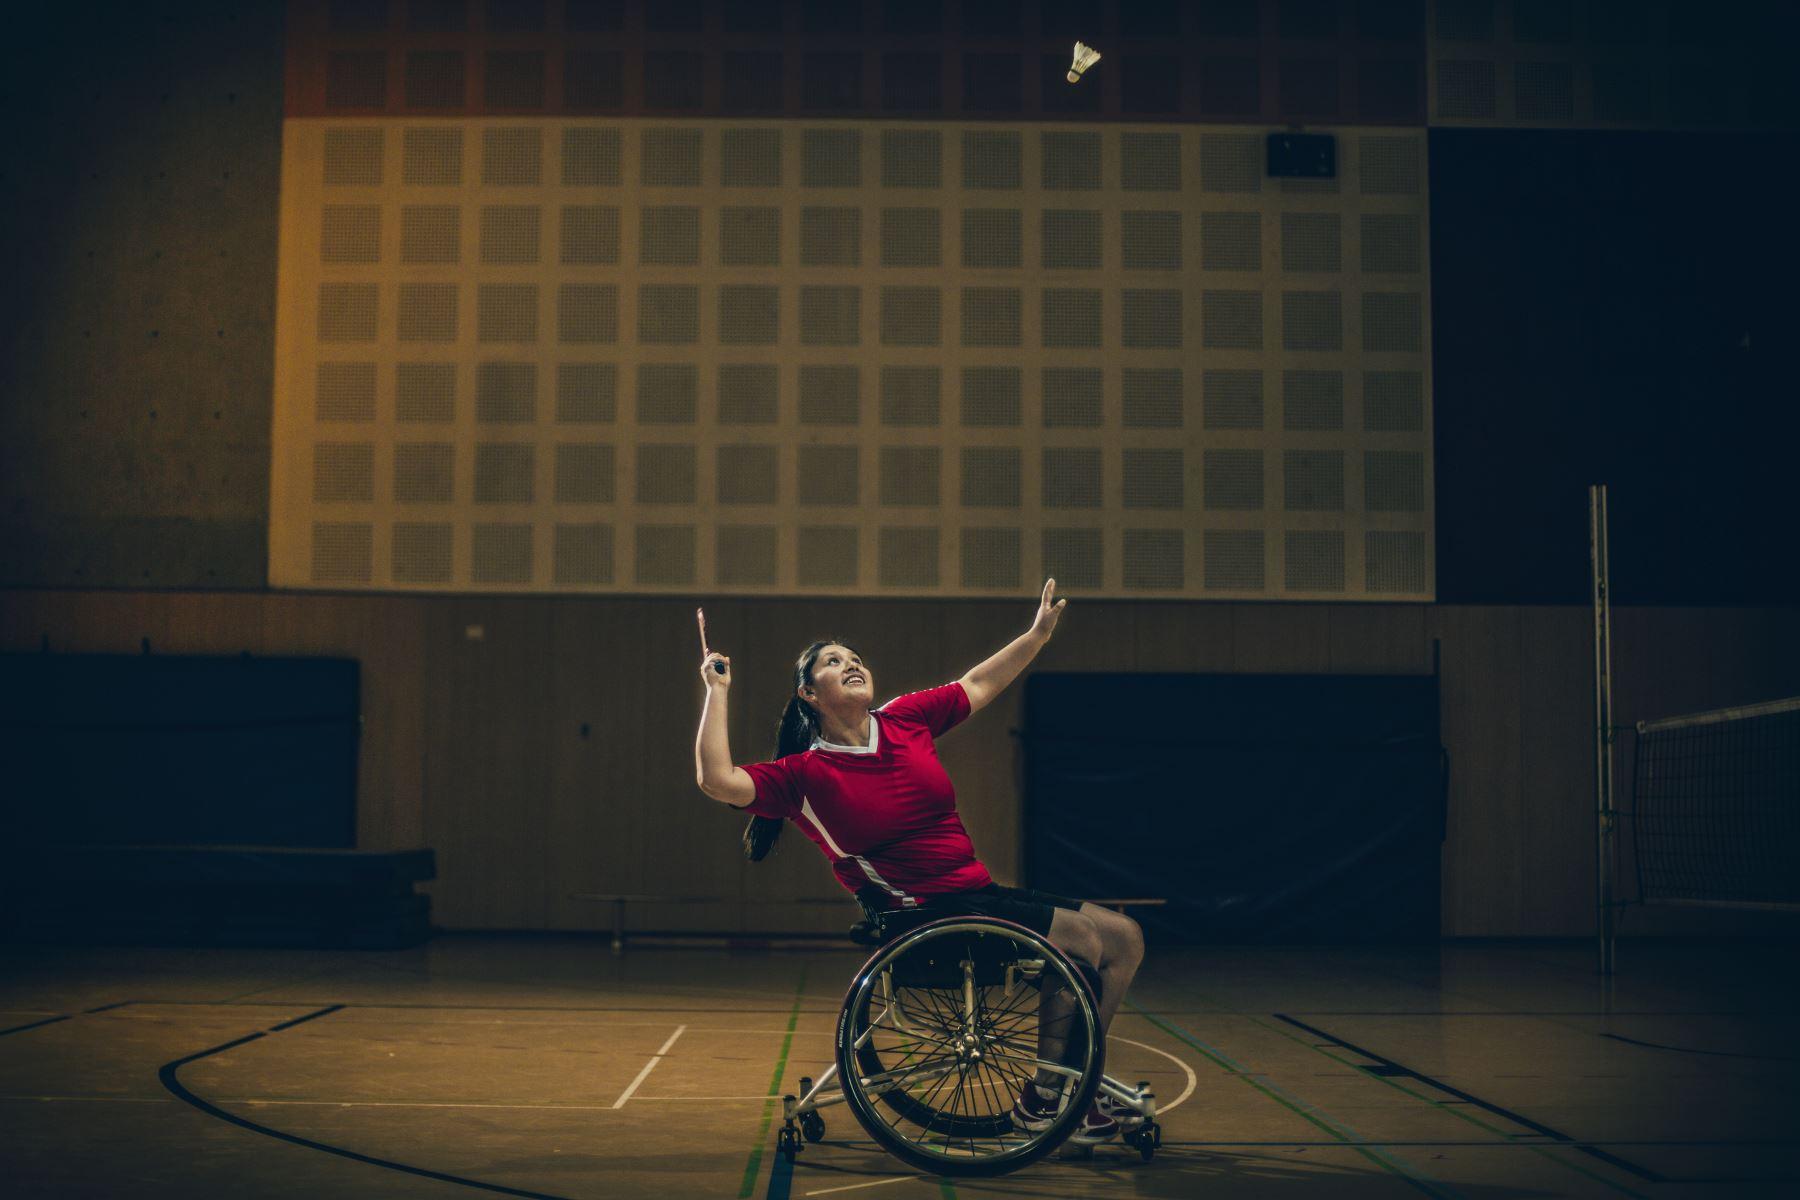 La parabádmintonista peruana, Pilar Jáuregui  anhela clasificar a los Juegos Paralímpicos y convertirse en un agente de cambio para aquellas personas que no se siente capaz de practicar el paradeporte por miedo o verguenza. Foto: cortesía: Leonardo Amador Yonz.